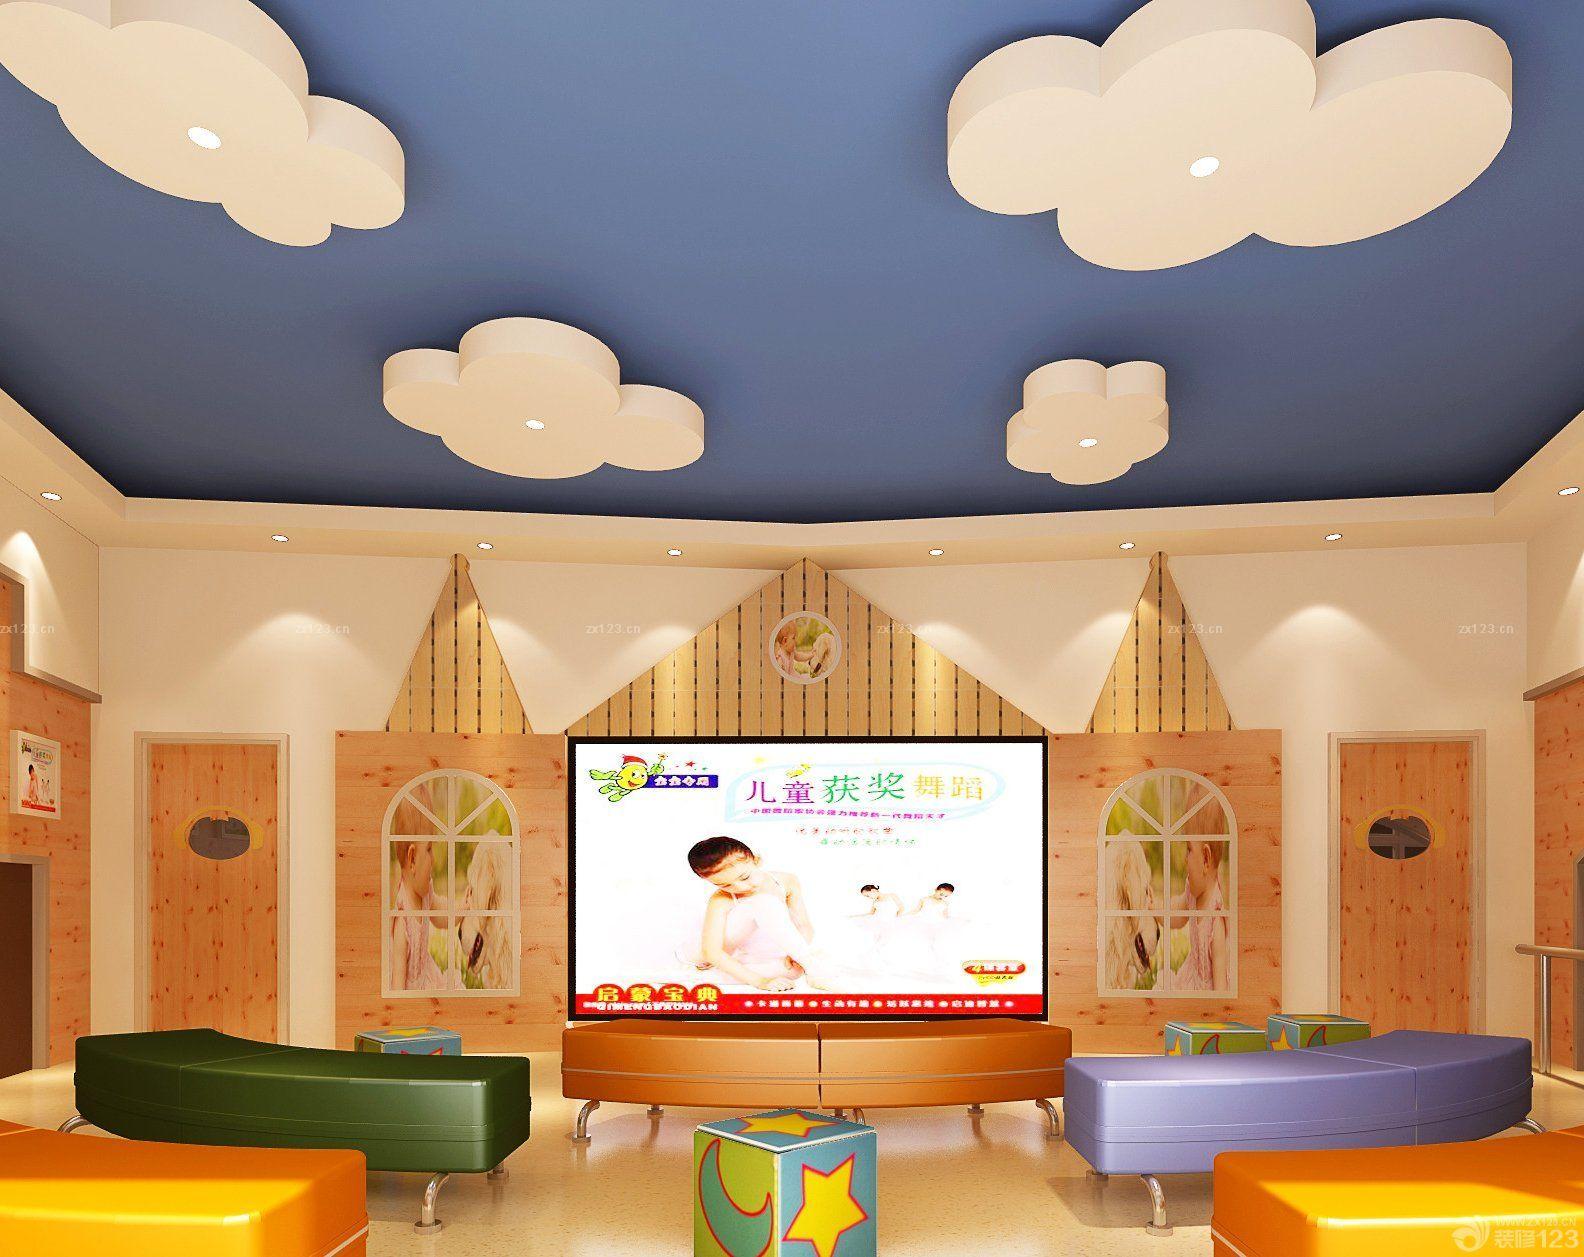 最新幼儿园天花板吊顶设计效果图片